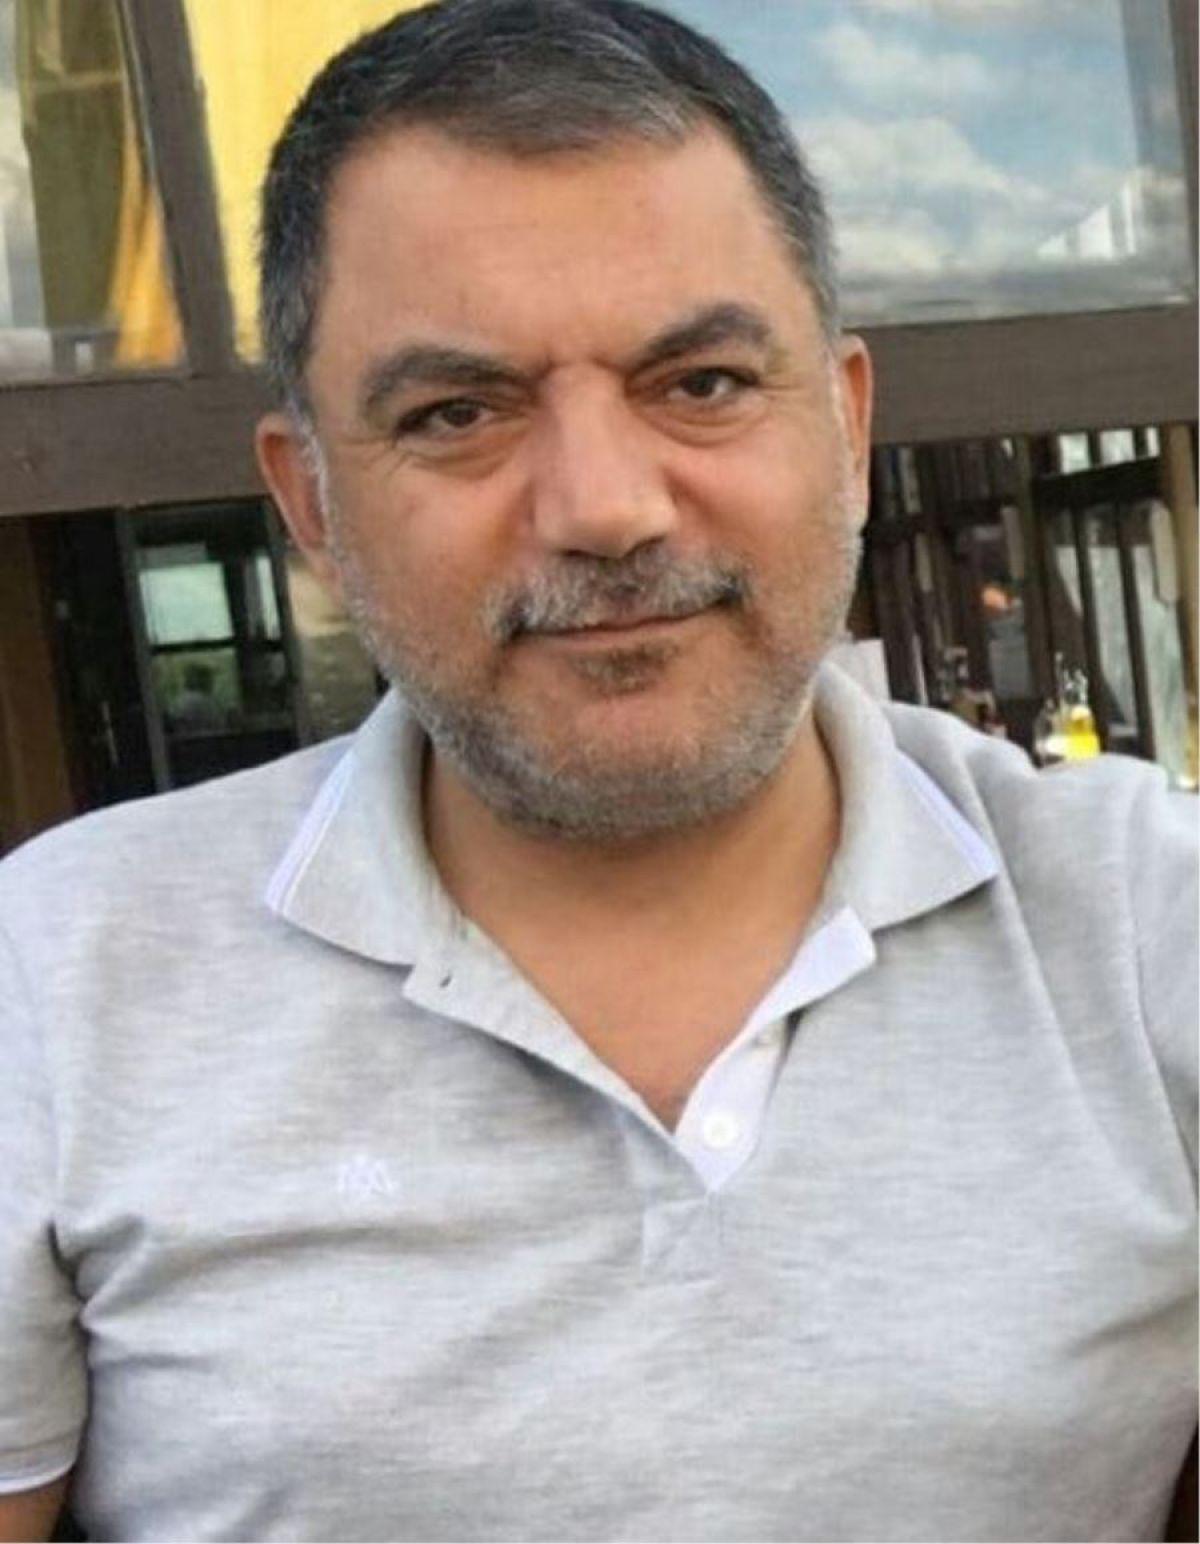 Antalya'da annesinin sevgilisini öldüren oğula, 15 yıl hapis cezası verildi